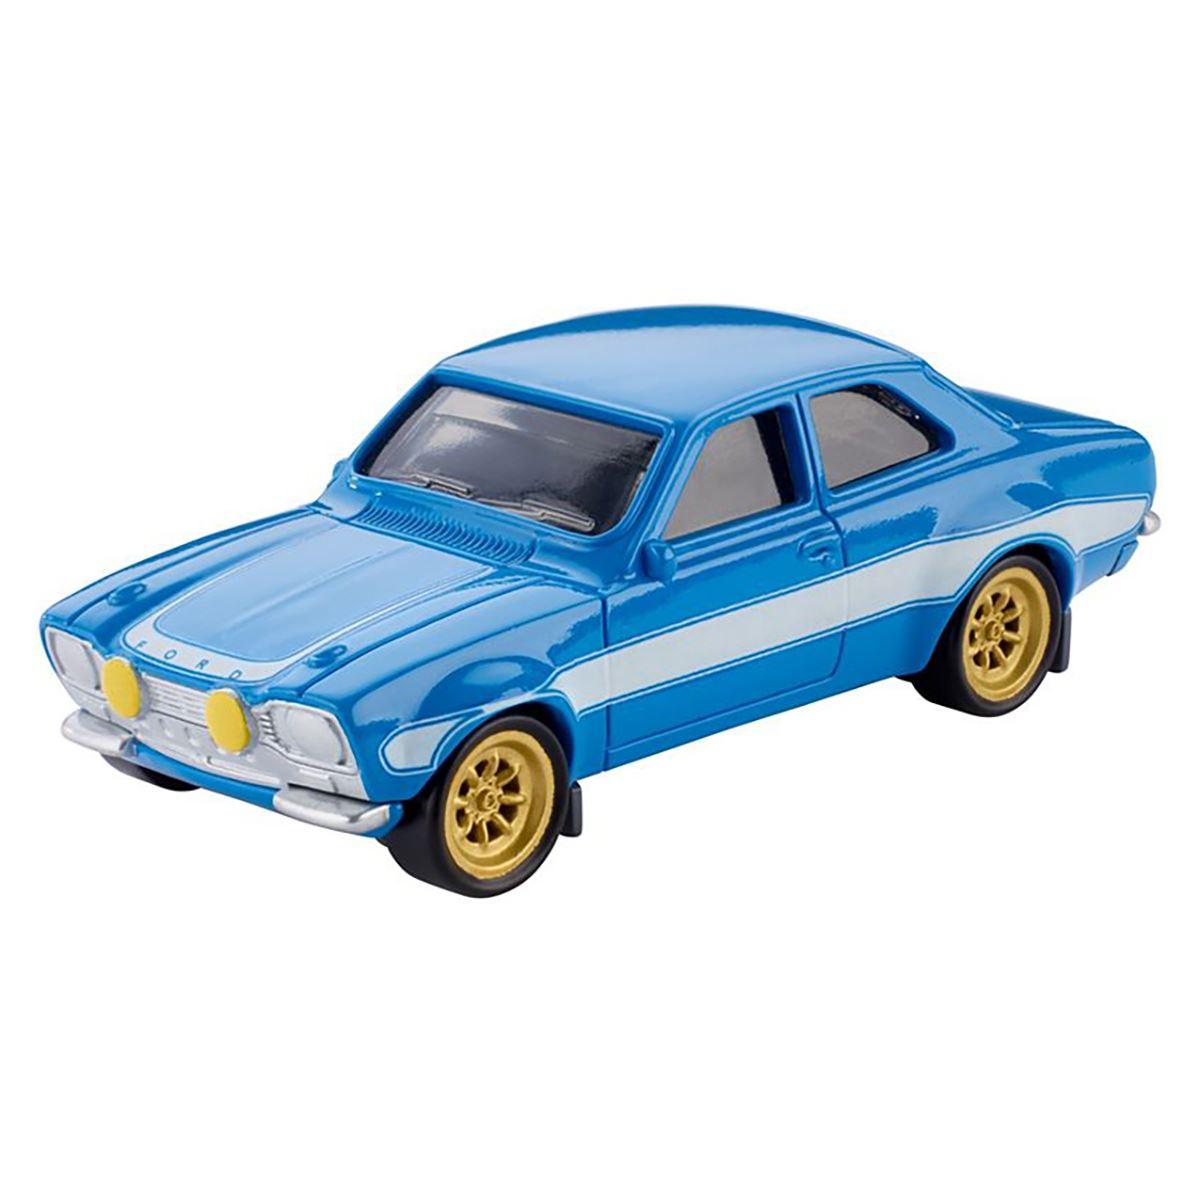 Fast-amp-Furious-6-Diecast-metallo-Auto-figure-da-collezione-1-55-modelli-in-scala miniatura 7